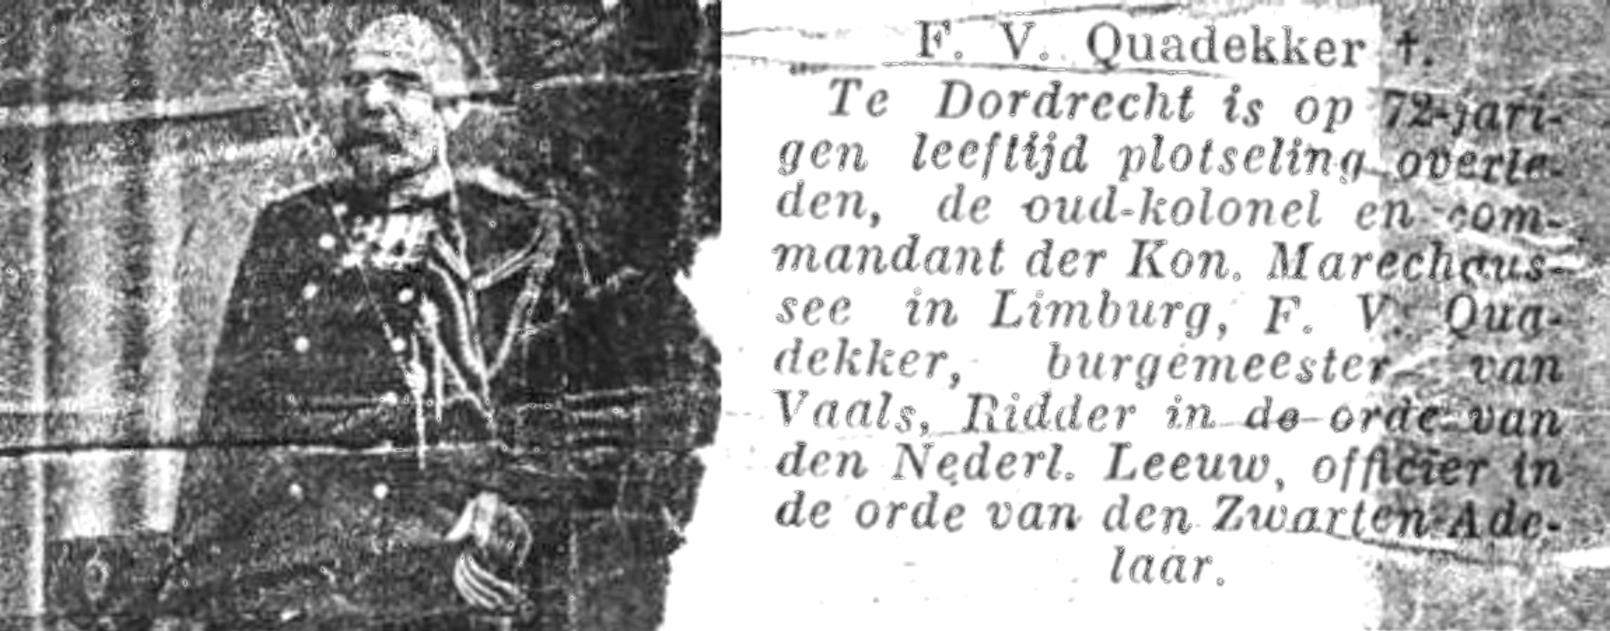 111 jaar later: schuift Bovens nu Krewinkel door naar Vaals?